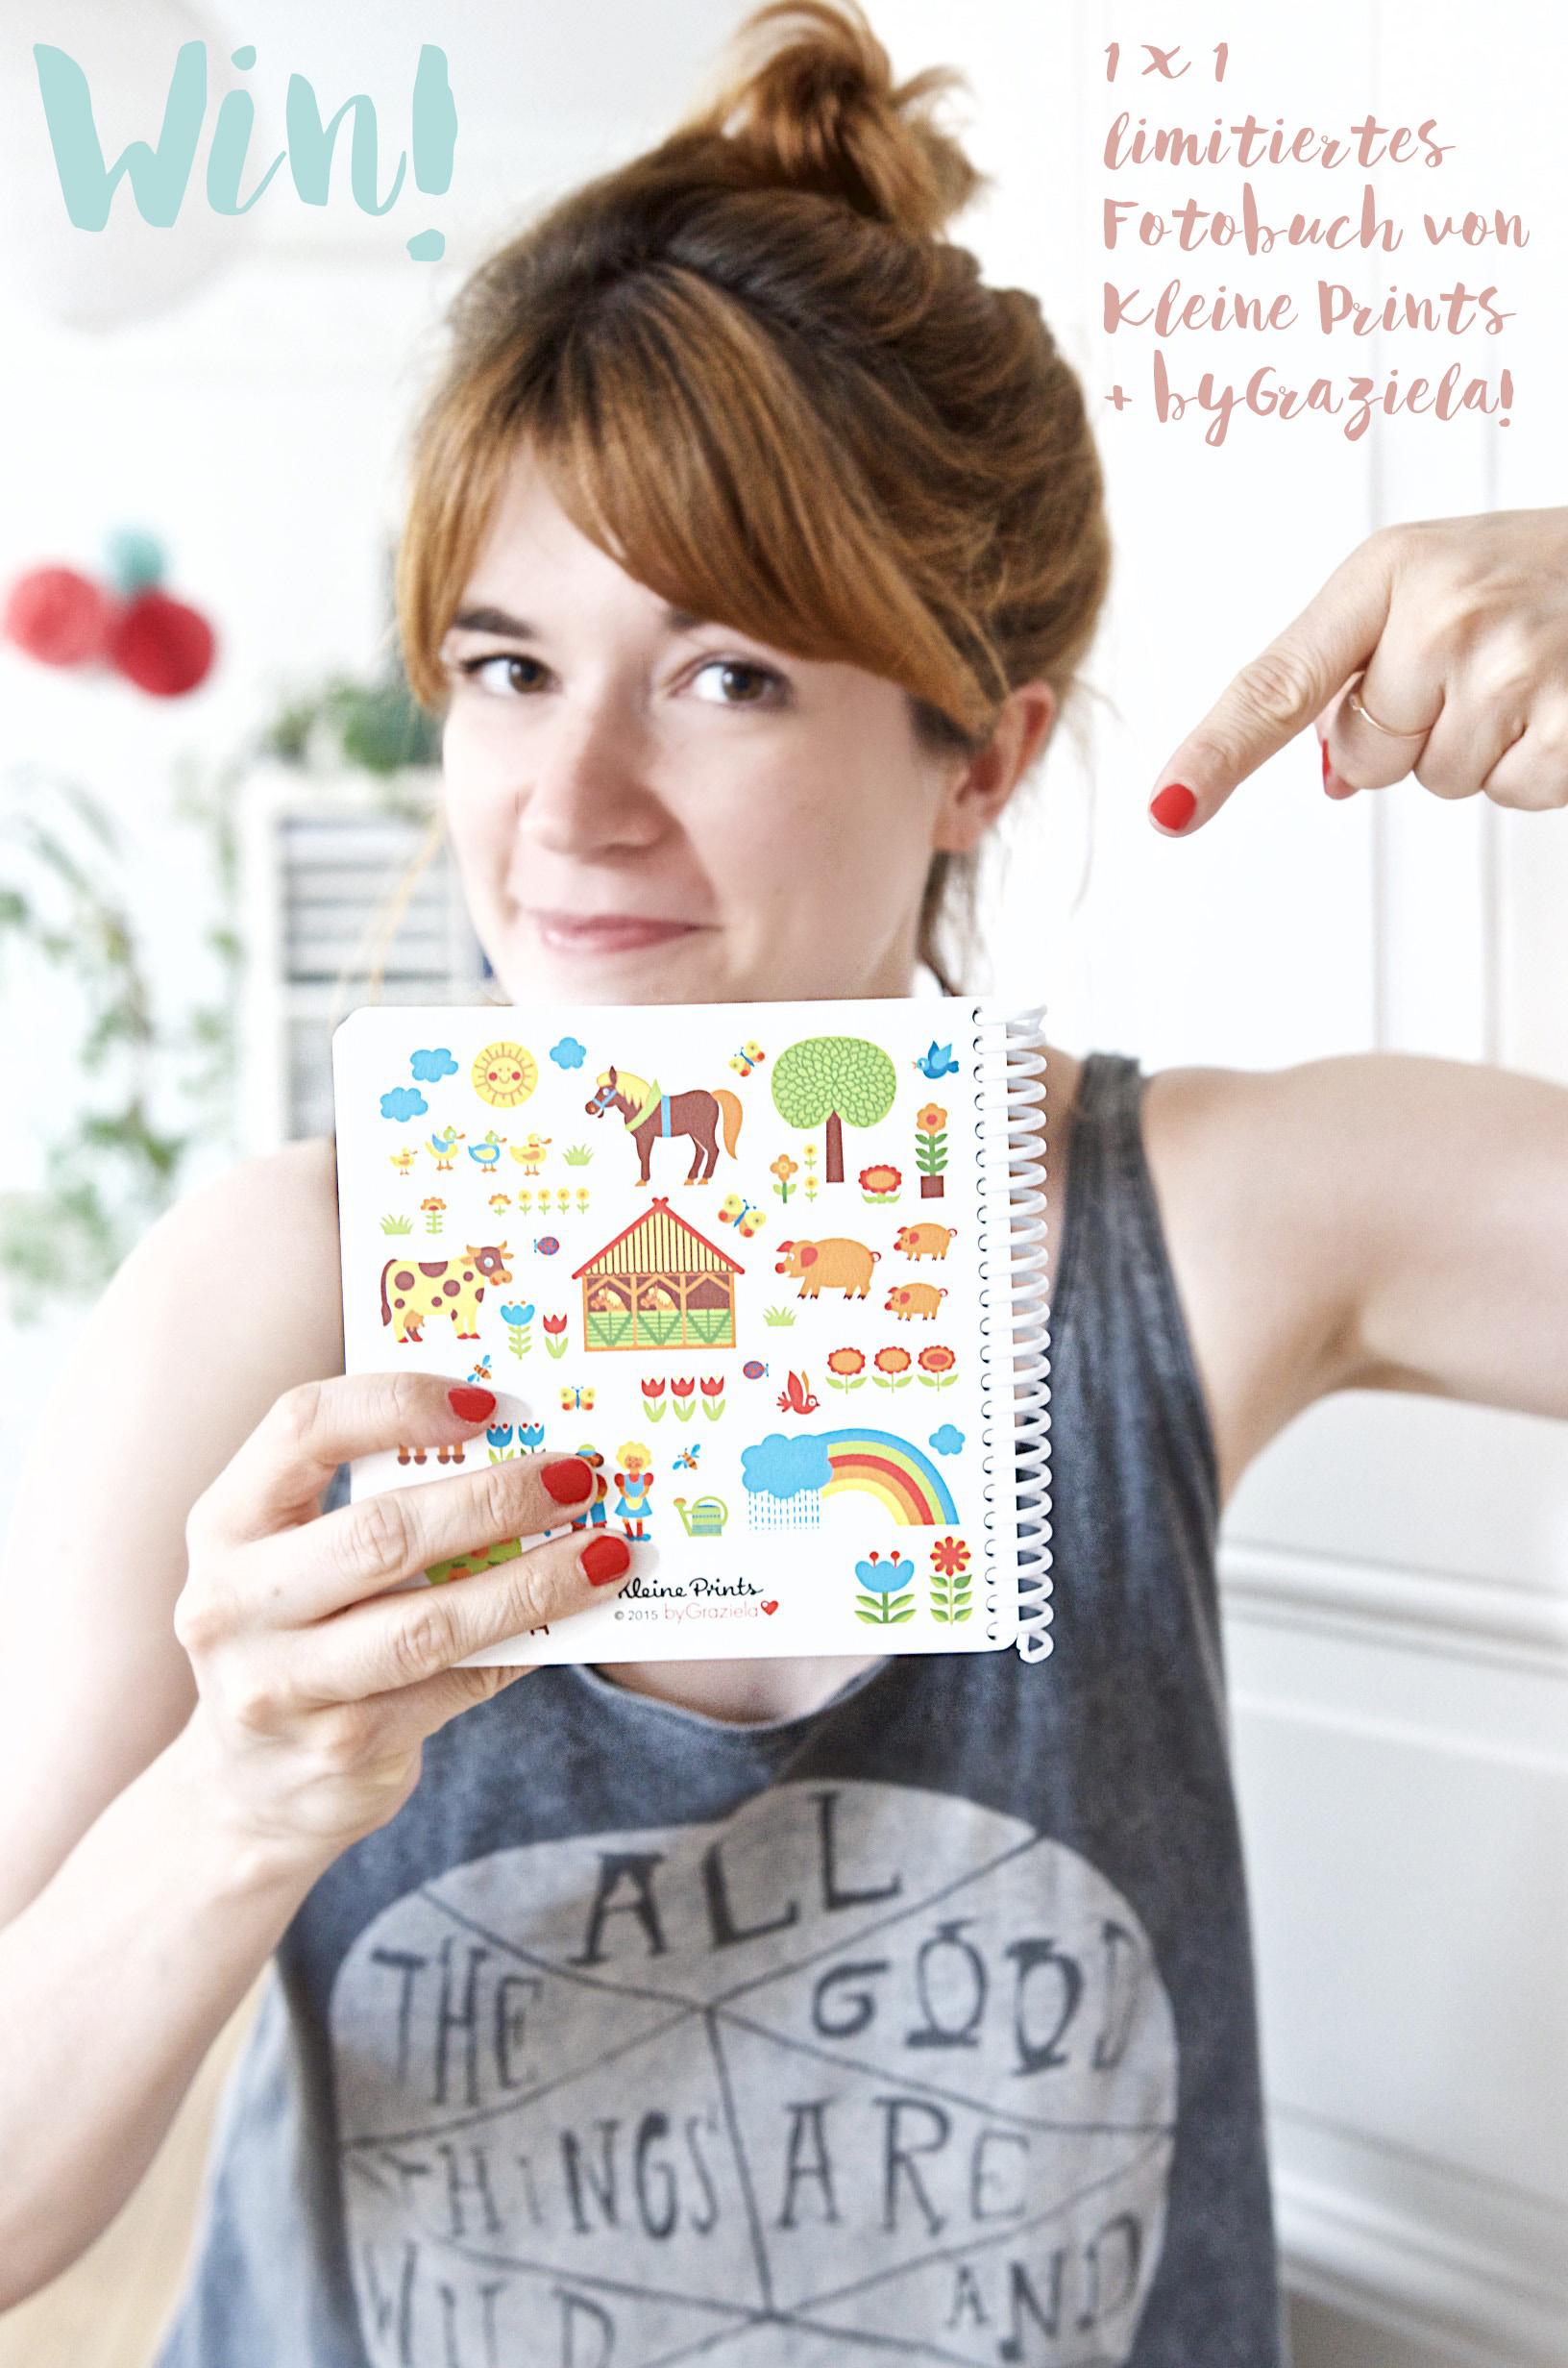 Giveaway Kleine Prints + byGraziela limitiertes Fotobuch für Kinder